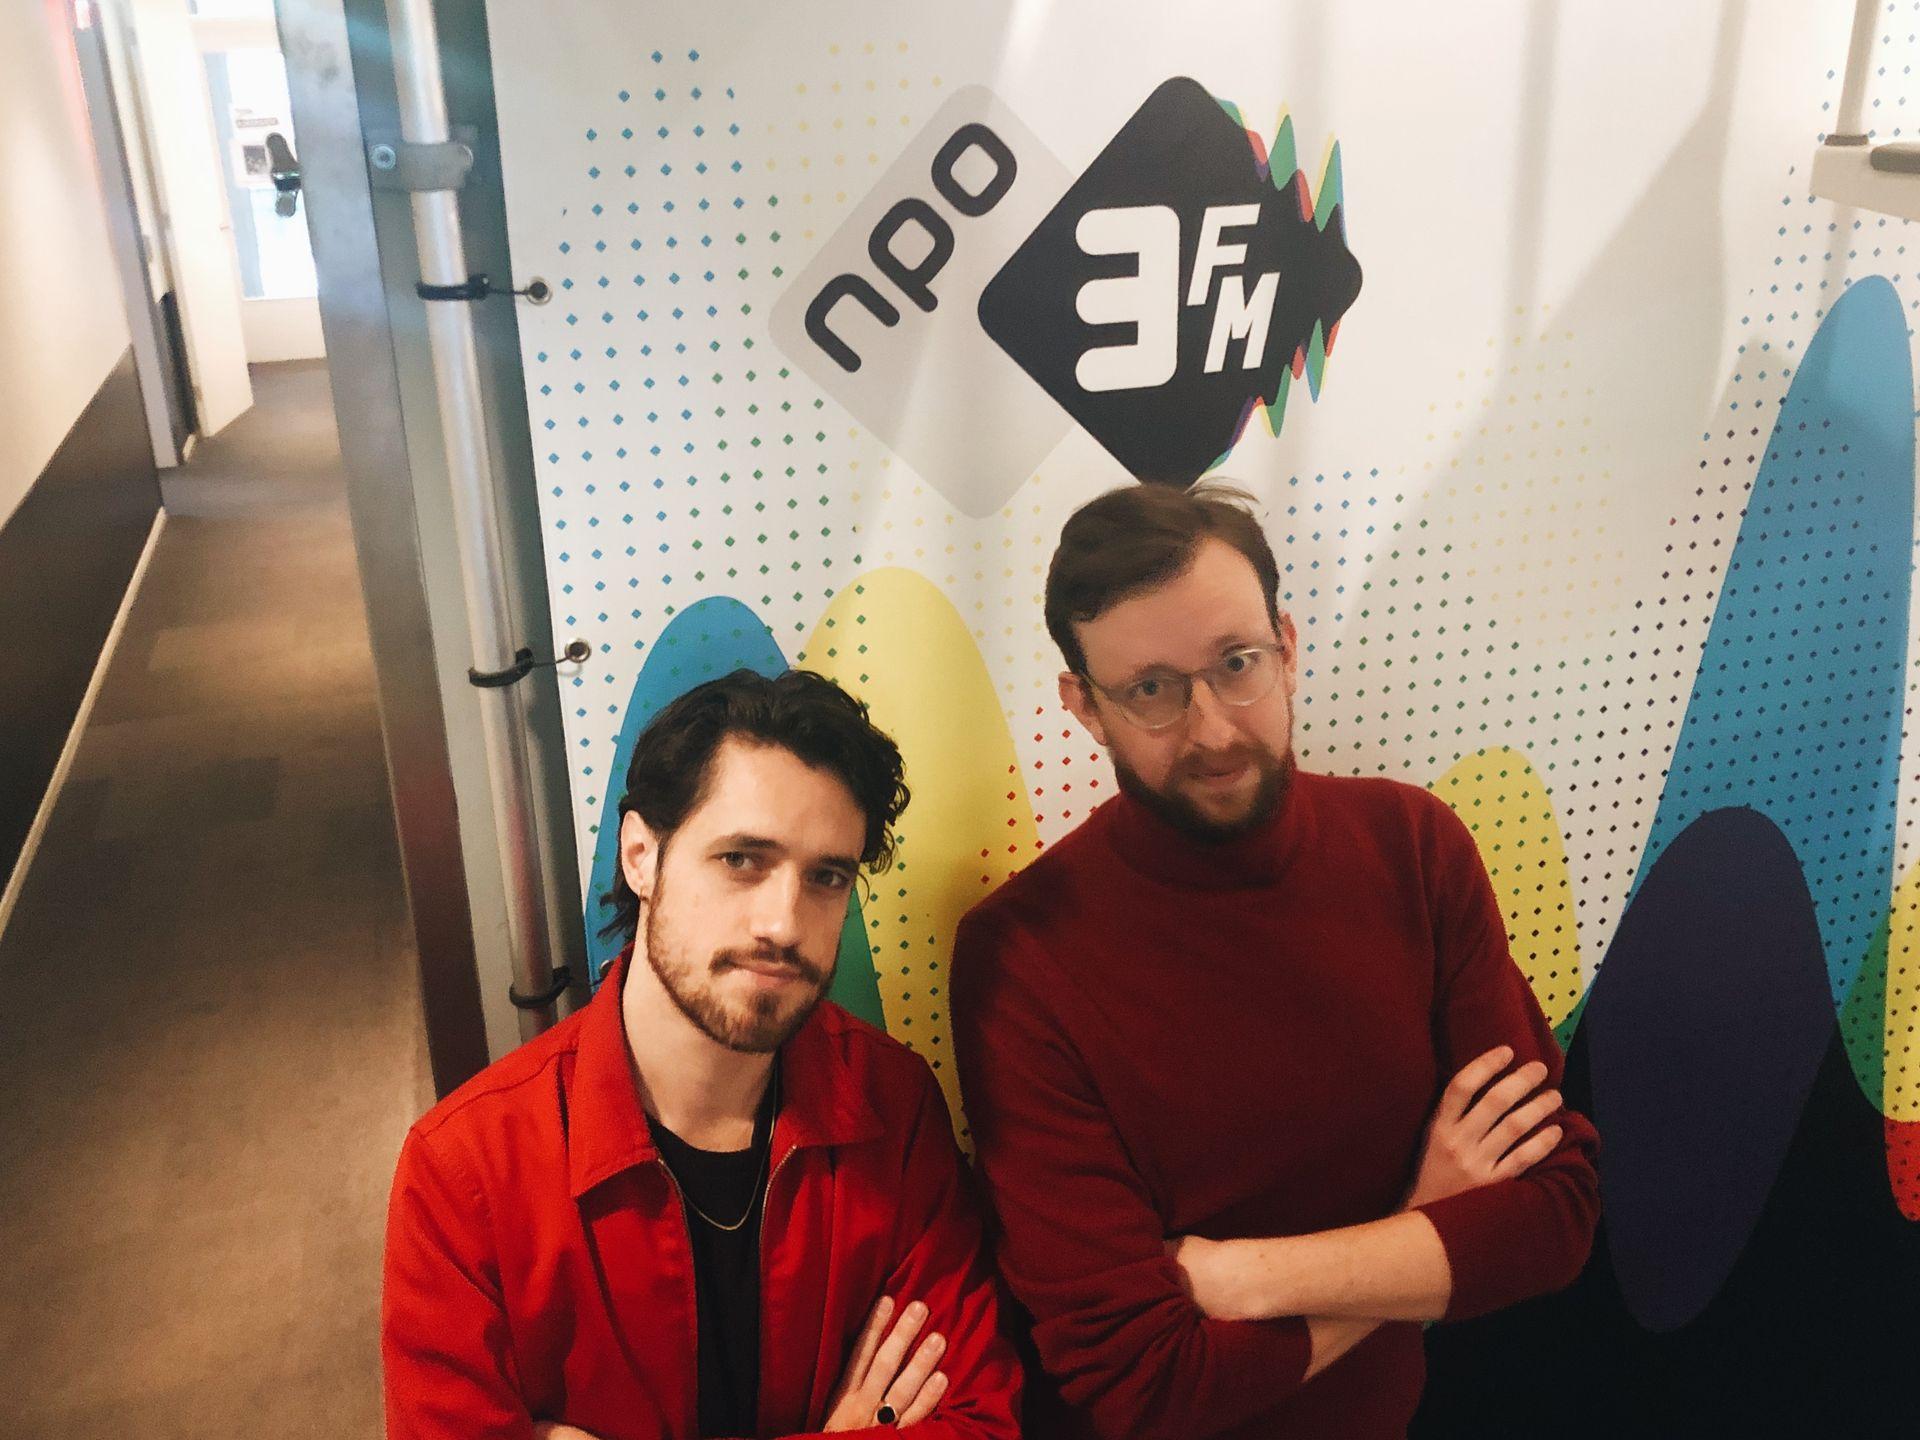 Jasper Demollin en Stijn van Vliet maken podcast over zelfhulpboeken